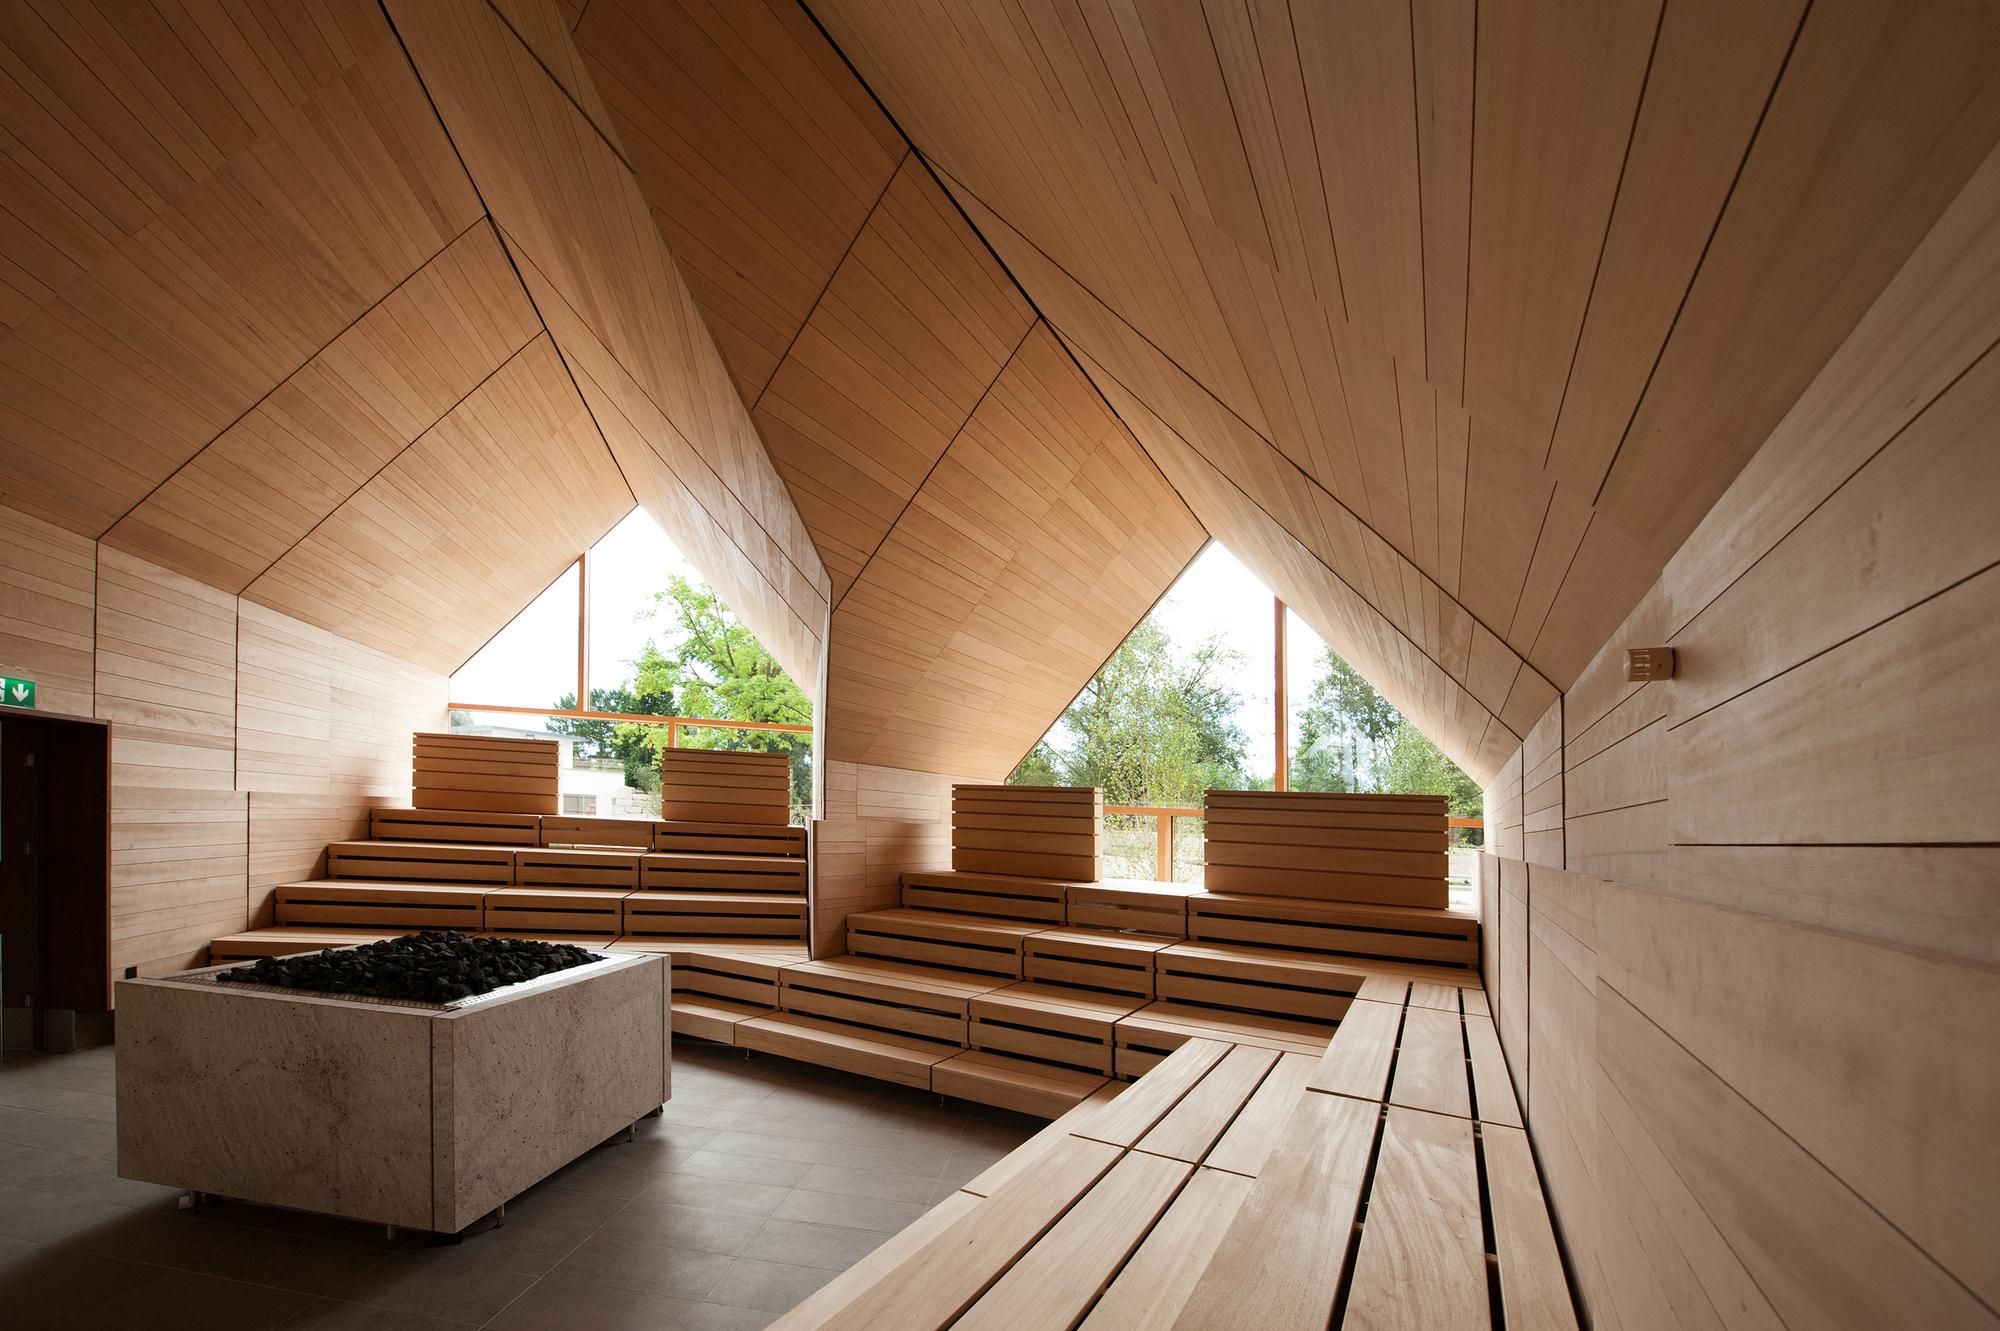 Jordanbad sauna village jeschke architektur planung archdaily - Sauna architektur ...